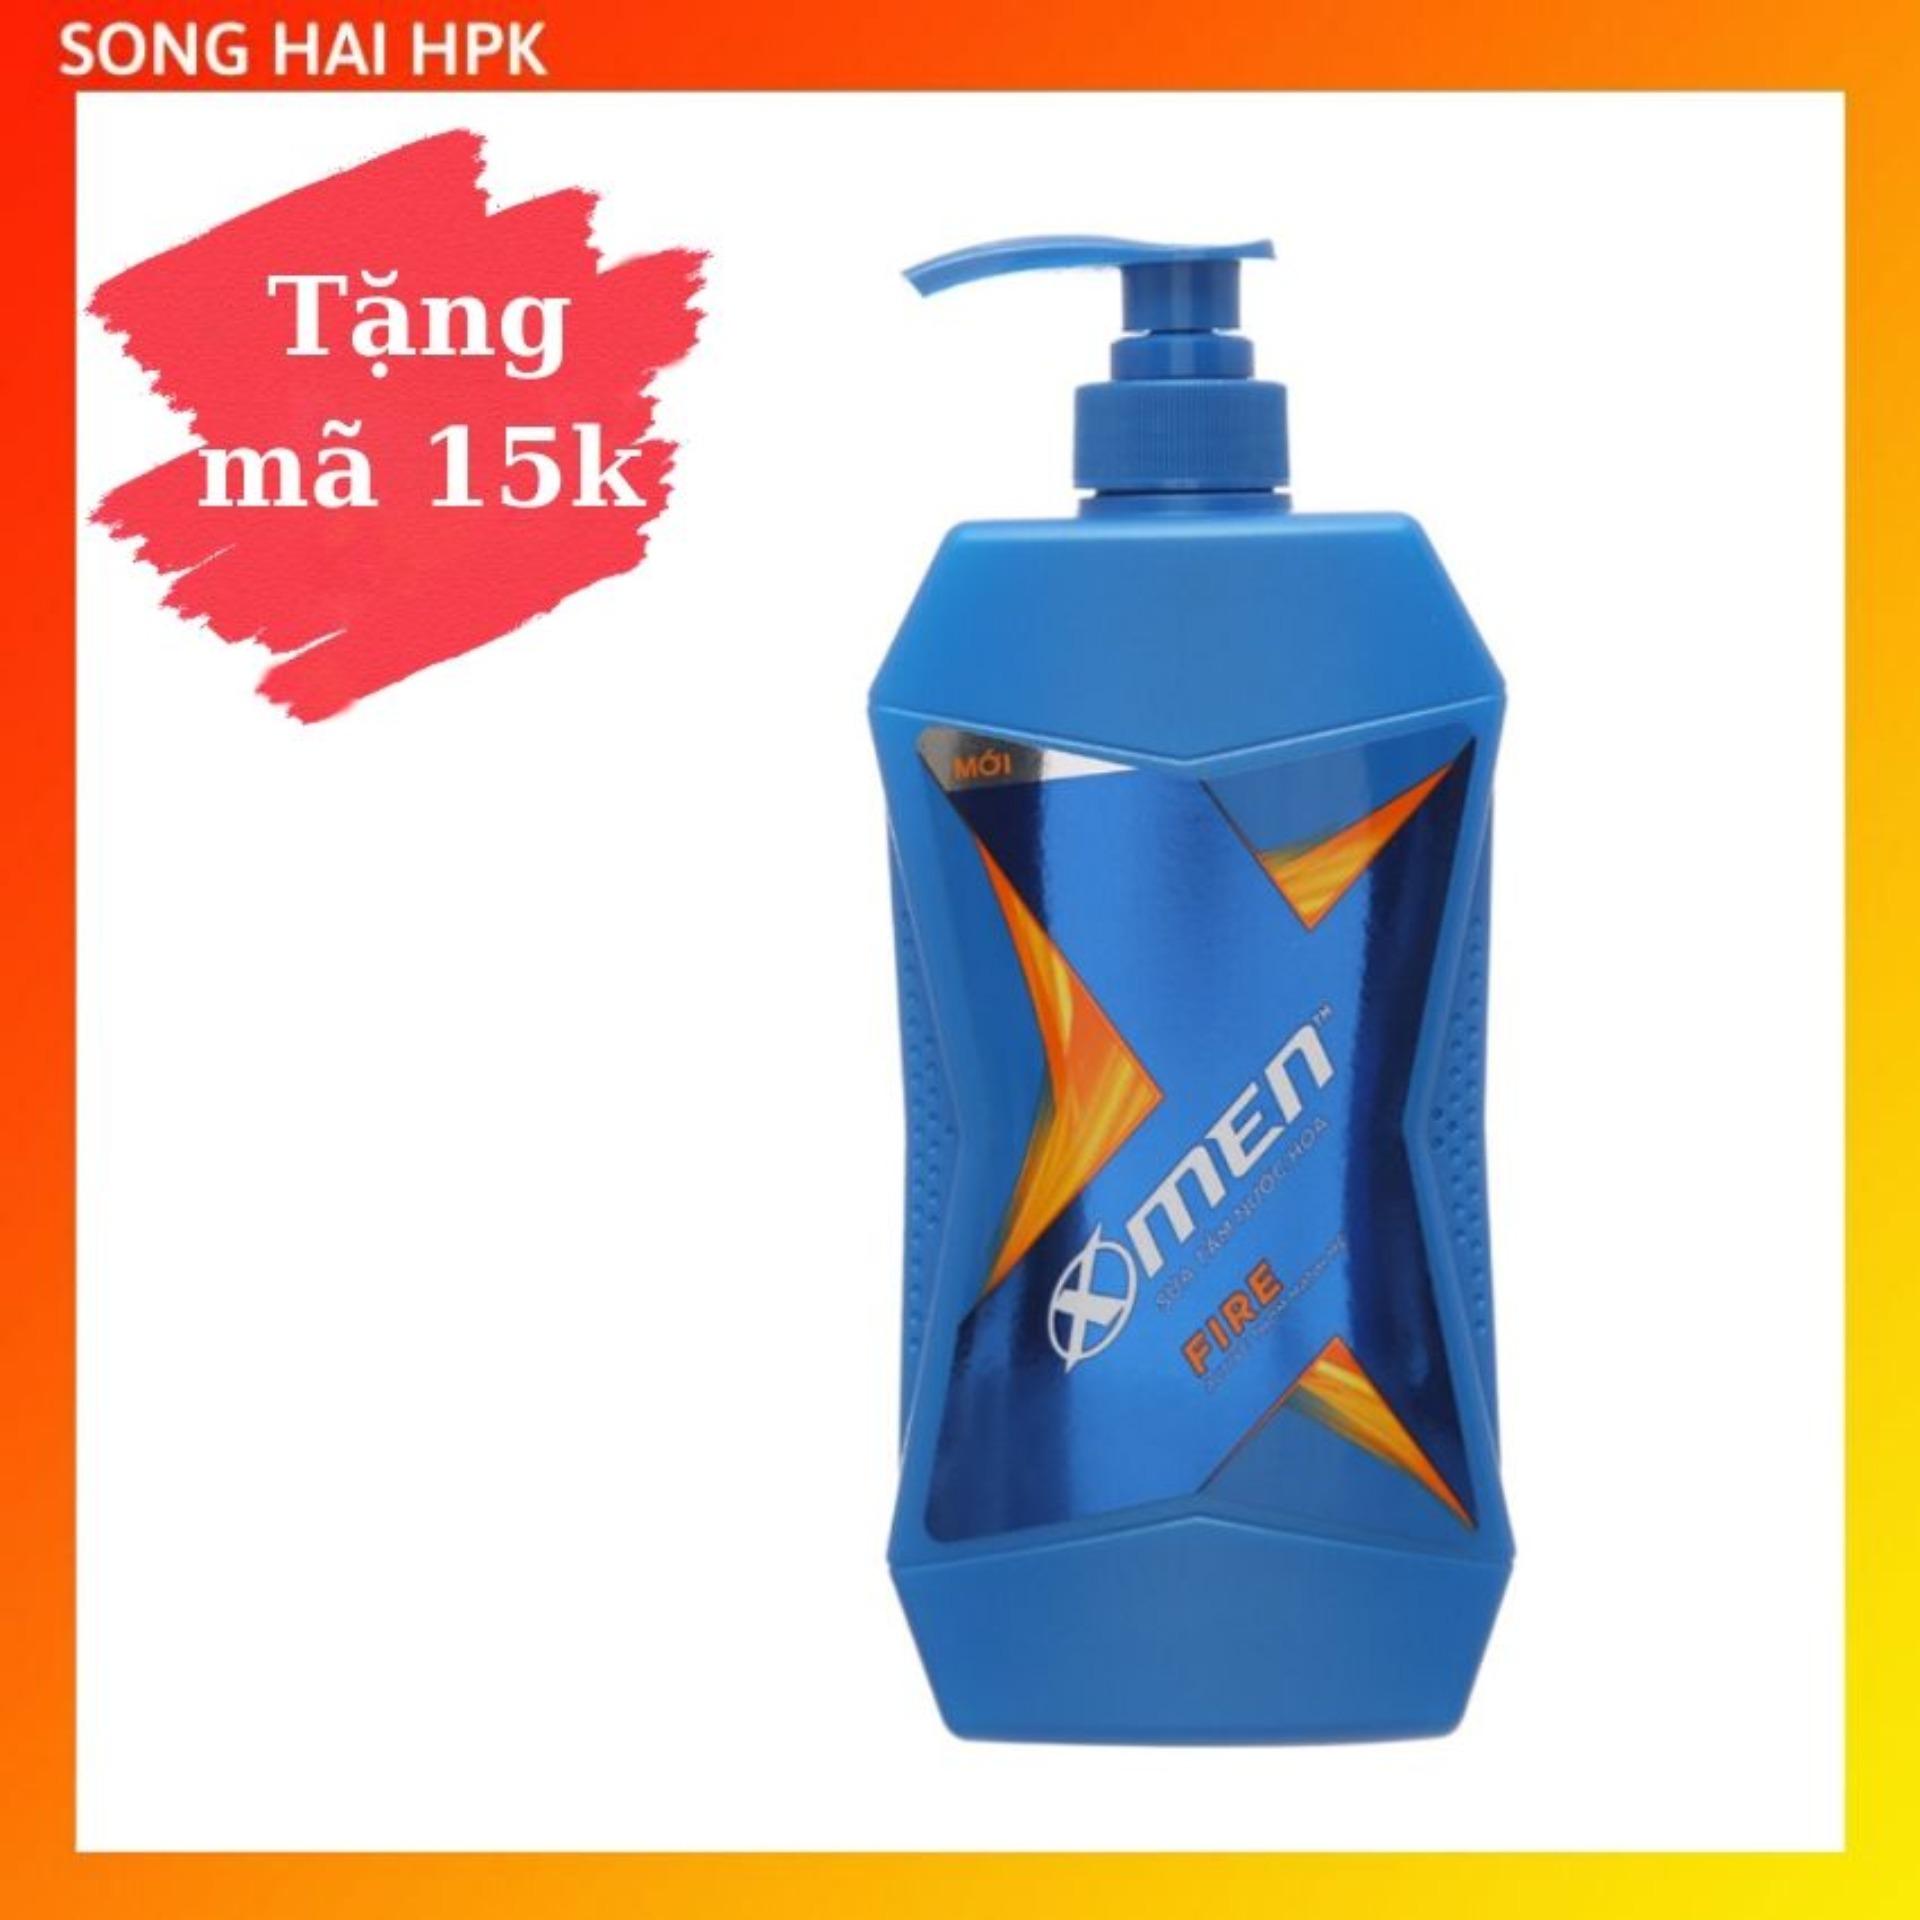 Sữa tắm nước hoa X-Men Fire Active - Sạch sâu thơm mạnh mẽ 650g Songhaihpk nhập khẩu